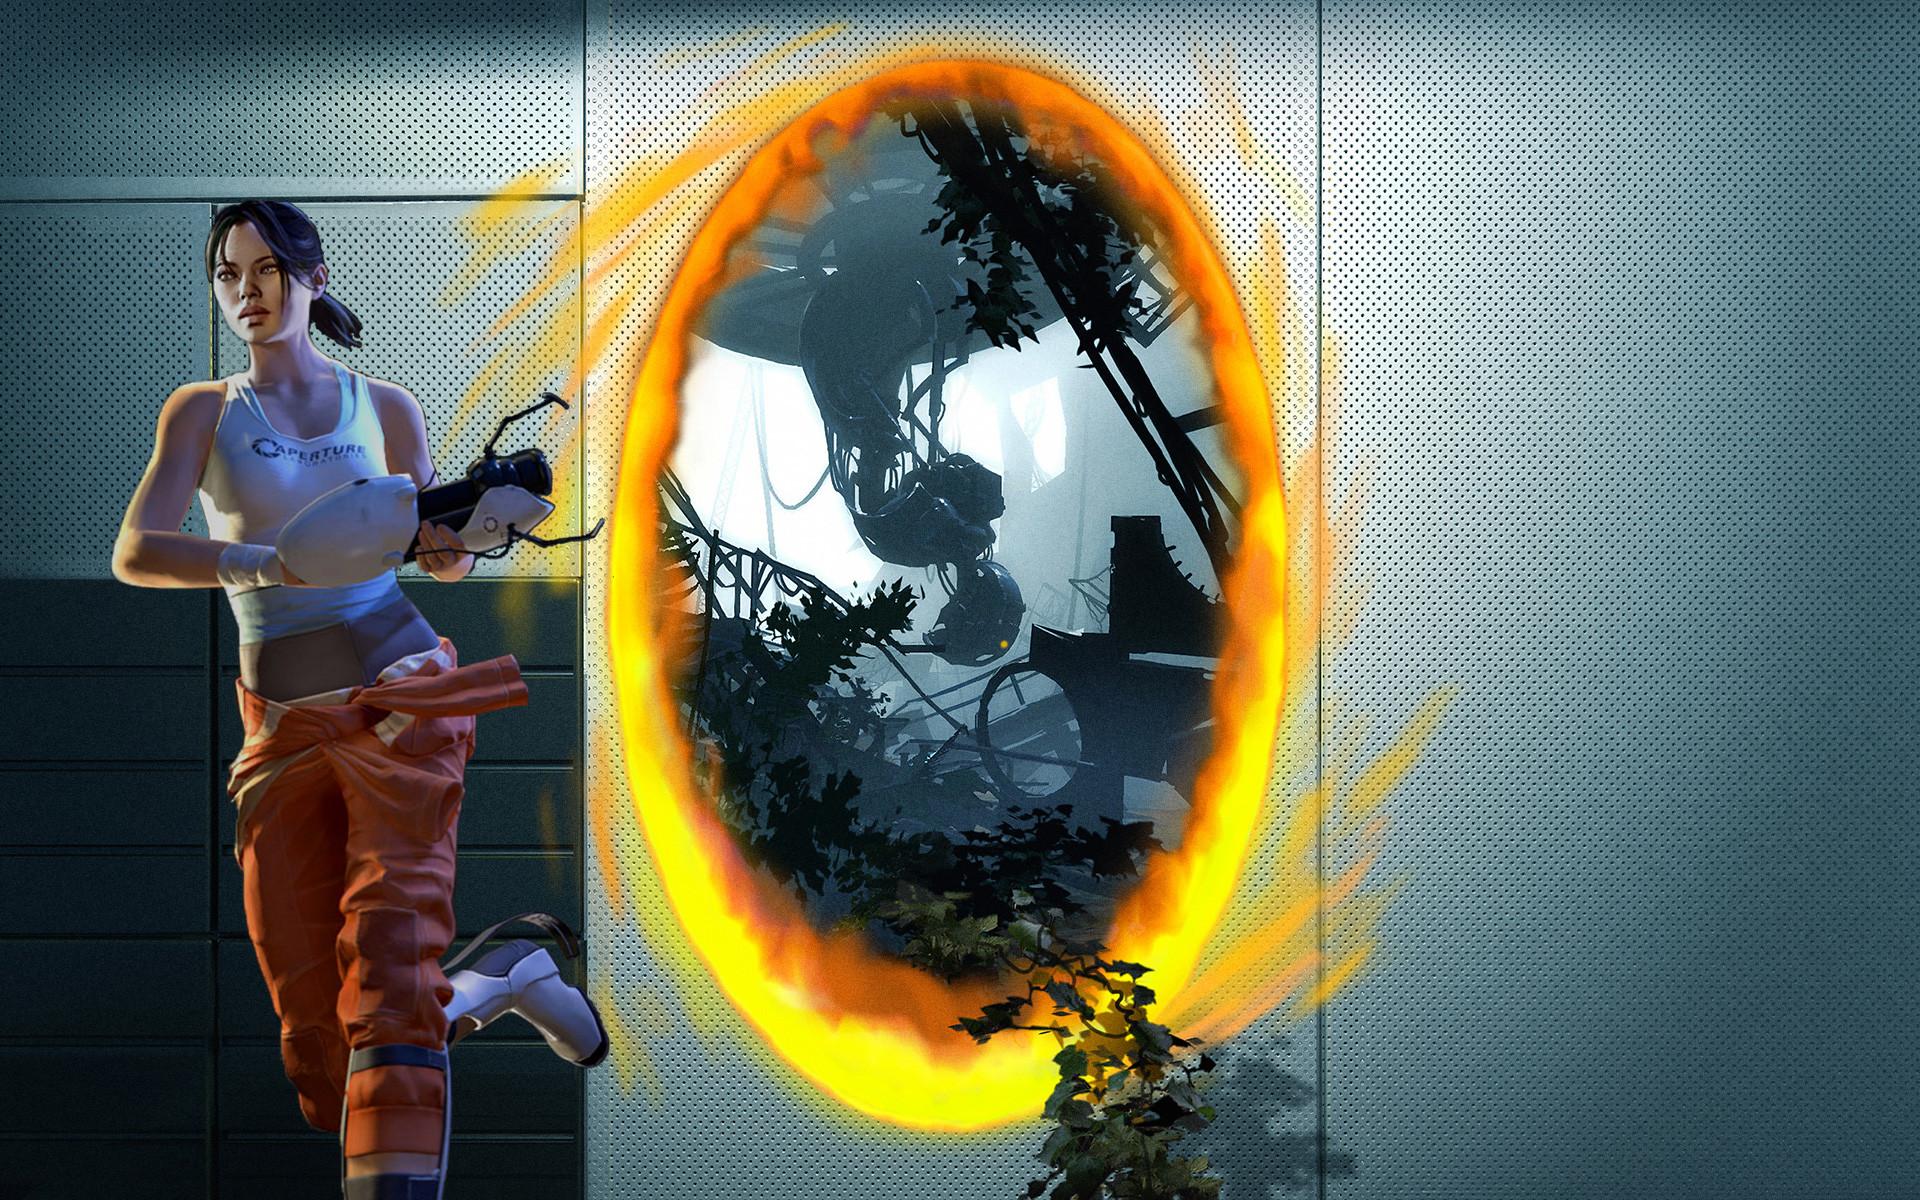 Portal Desktop Wallpaper 84 Images